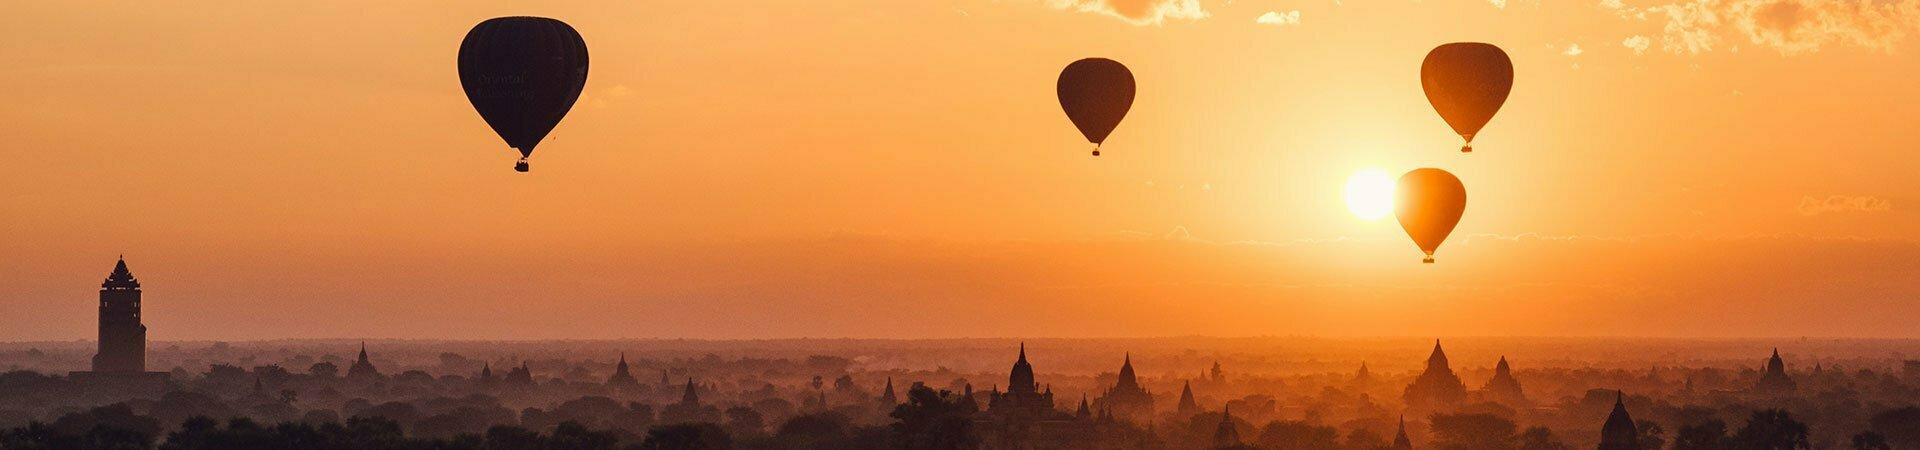 couché de soleil avec montgolfières au dessus de Bagan